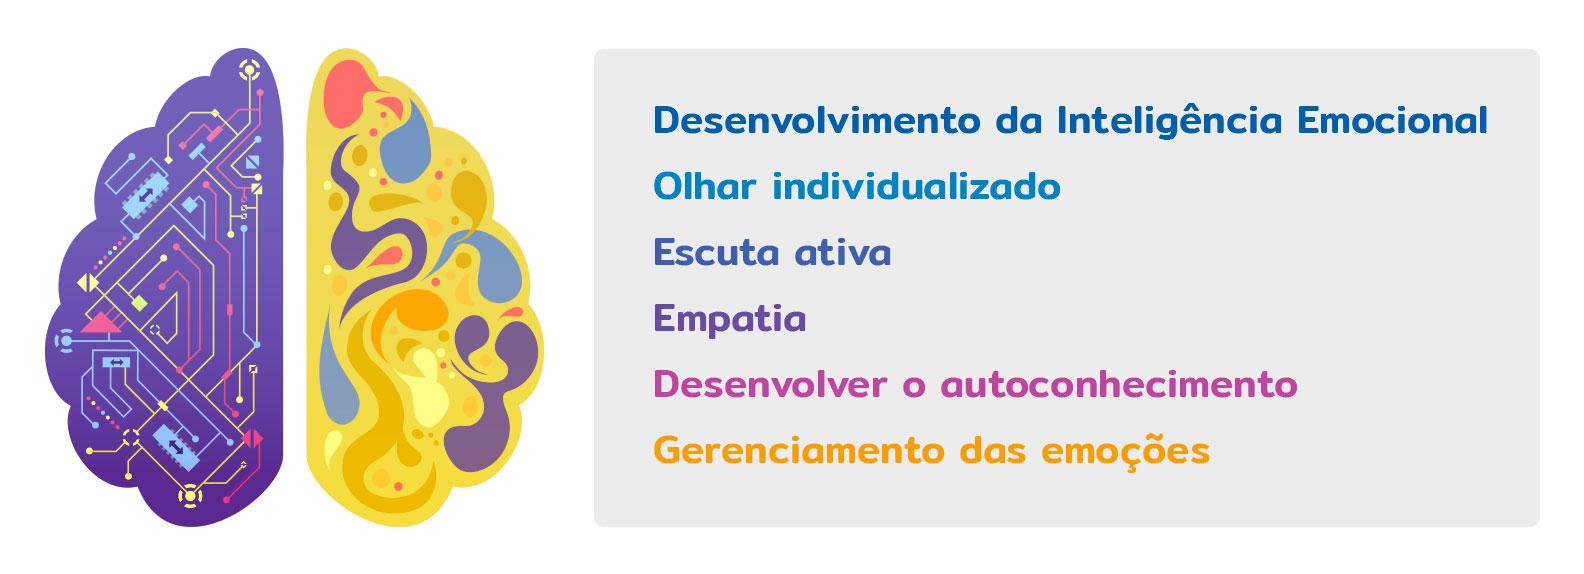 Como desenvolver a inteligência emocional na escola? No Colégio Planck, o desenvolvimento de habilidades socioemocionais faz parte dos pilares do projeto pedagógico e contribui com o desenvolvimento da inteligência emocional. Dentro deste aspecto, são trabalhados nos estudantes a autogestão, a resiliência emocional, a amabilidade e engajamento e a abertura ao novo. Mas como o Colégio pode trabalhar o desenvolvimento da inteligência emocional em todos os processos pedagógicos dos estudantes? Conheça alguns procedimentos: Olhar individualizado Um dos primeiros pontos destacados no projeto do Colégio Planck é o olhar atento e individualizado para os estudantes. Dessa forma, professores e coordenadores estão firmemente empenhados em observar as emoções desses estudantes para trabalhá-las em situações específicas. Escuta ativa Ouvir atentamente os estudantes em suas colocações é fundamental para criar uma comunicação bidirecional genuína. Se torna mais fácil entender as emoções que eles manifestam por meio de suas falas e gestos, e também demonstrar a compreensão do ponto de vista desse estudante para dar o feedback necessário. Empatia Quando a instituição escolar se coloca em um processo honesto de ter empatia, também ajuda que seus estudantes desenvolvam essa habilidade socioemocional tão amplamente ligada à inteligência emocional. Ser empático significa refletir sobre a ótica da outra pessoa e isso vai ajudá-la a se sentir compreendida. Quando os estudantes observam a empatia desde a fase da infância na escola, inclusive entre professores, equipe pedagógica e seus amigos, também vão desenvolver a empatia em sua vida. Desenvolver o autoconhecimento O autoconhecimento é amplamente estimulado nos processos pedagógicos do Planck. Quando o estudante não sabe nada sobre suas emoções, seus impulsos e fraquezas, corre o risco de não ver como pode ser semelhante aos outros, ter uma autoimagem distorcida e prejudicar suas interações sociais. Ter consciência sobre si mesmo ajuda